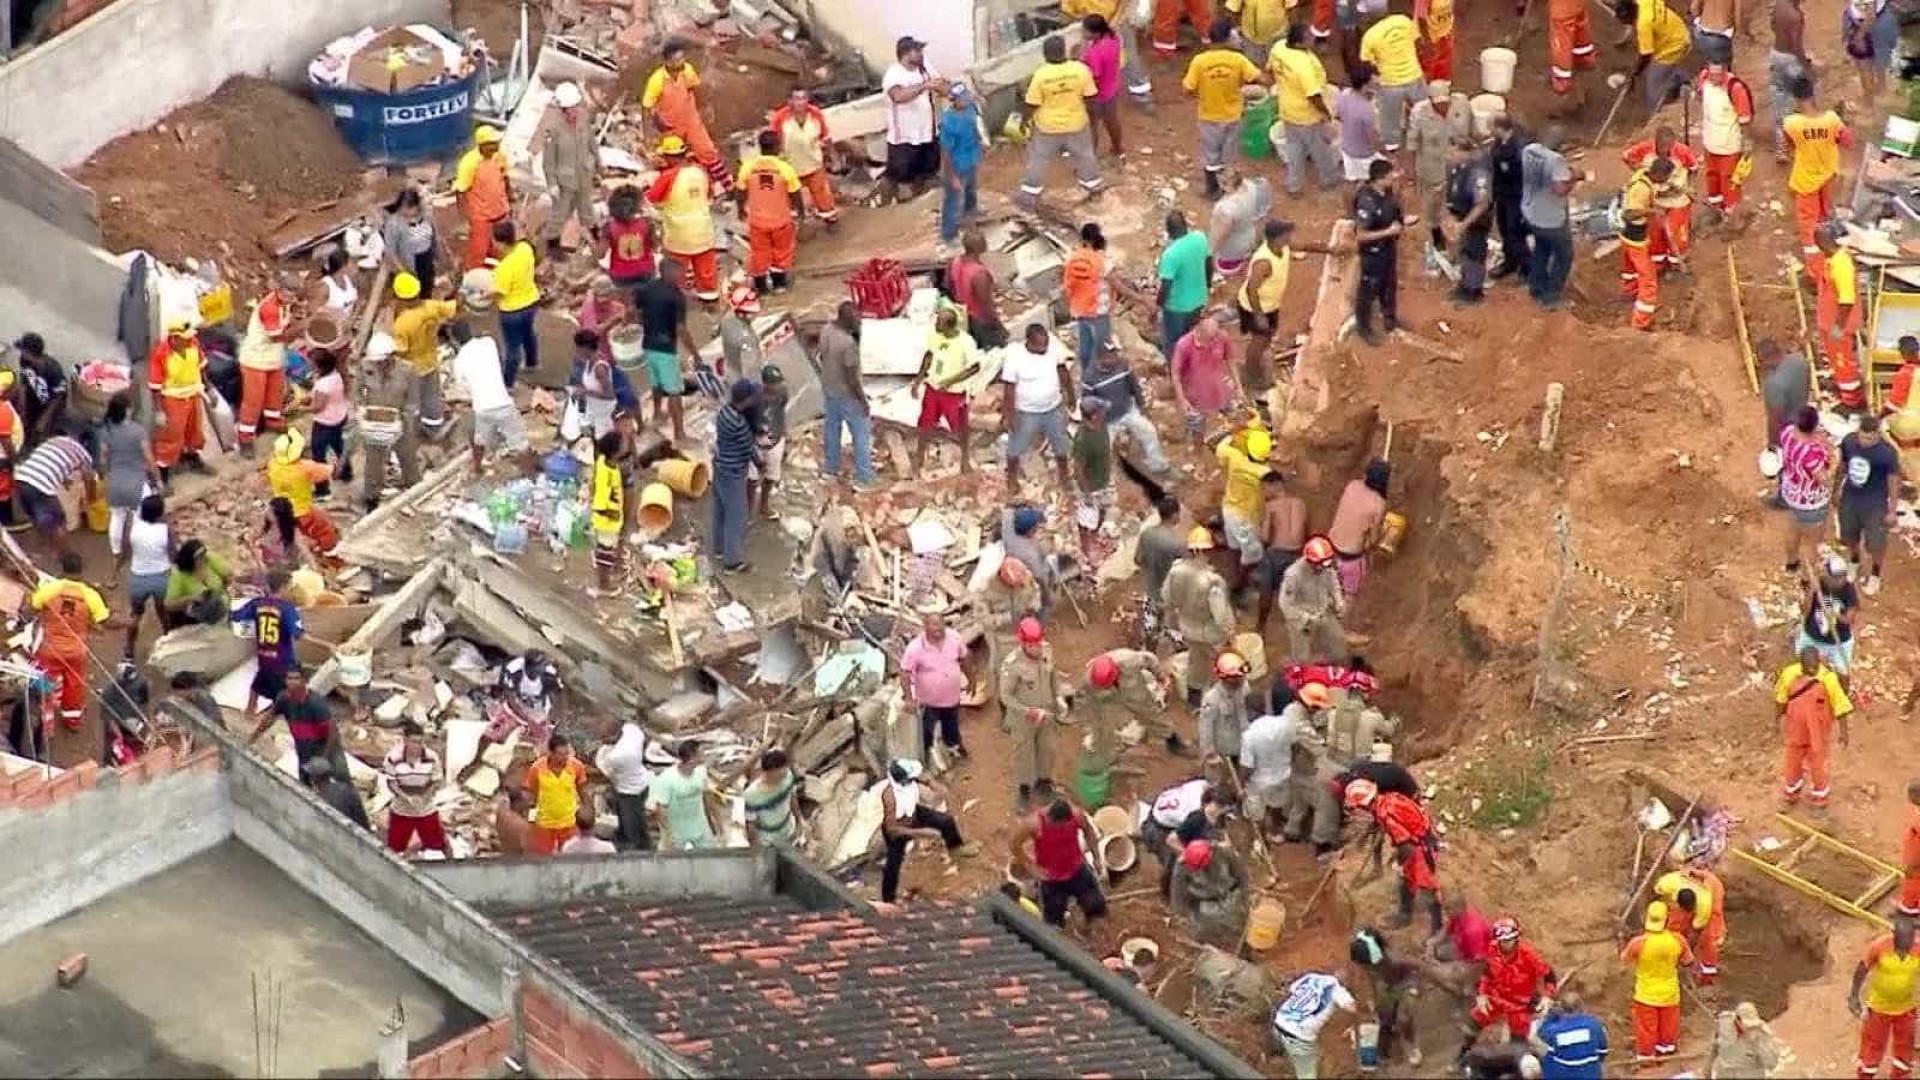 Deslizamento de morro deixa ao menos 9 mortos em Niterói, no RJ